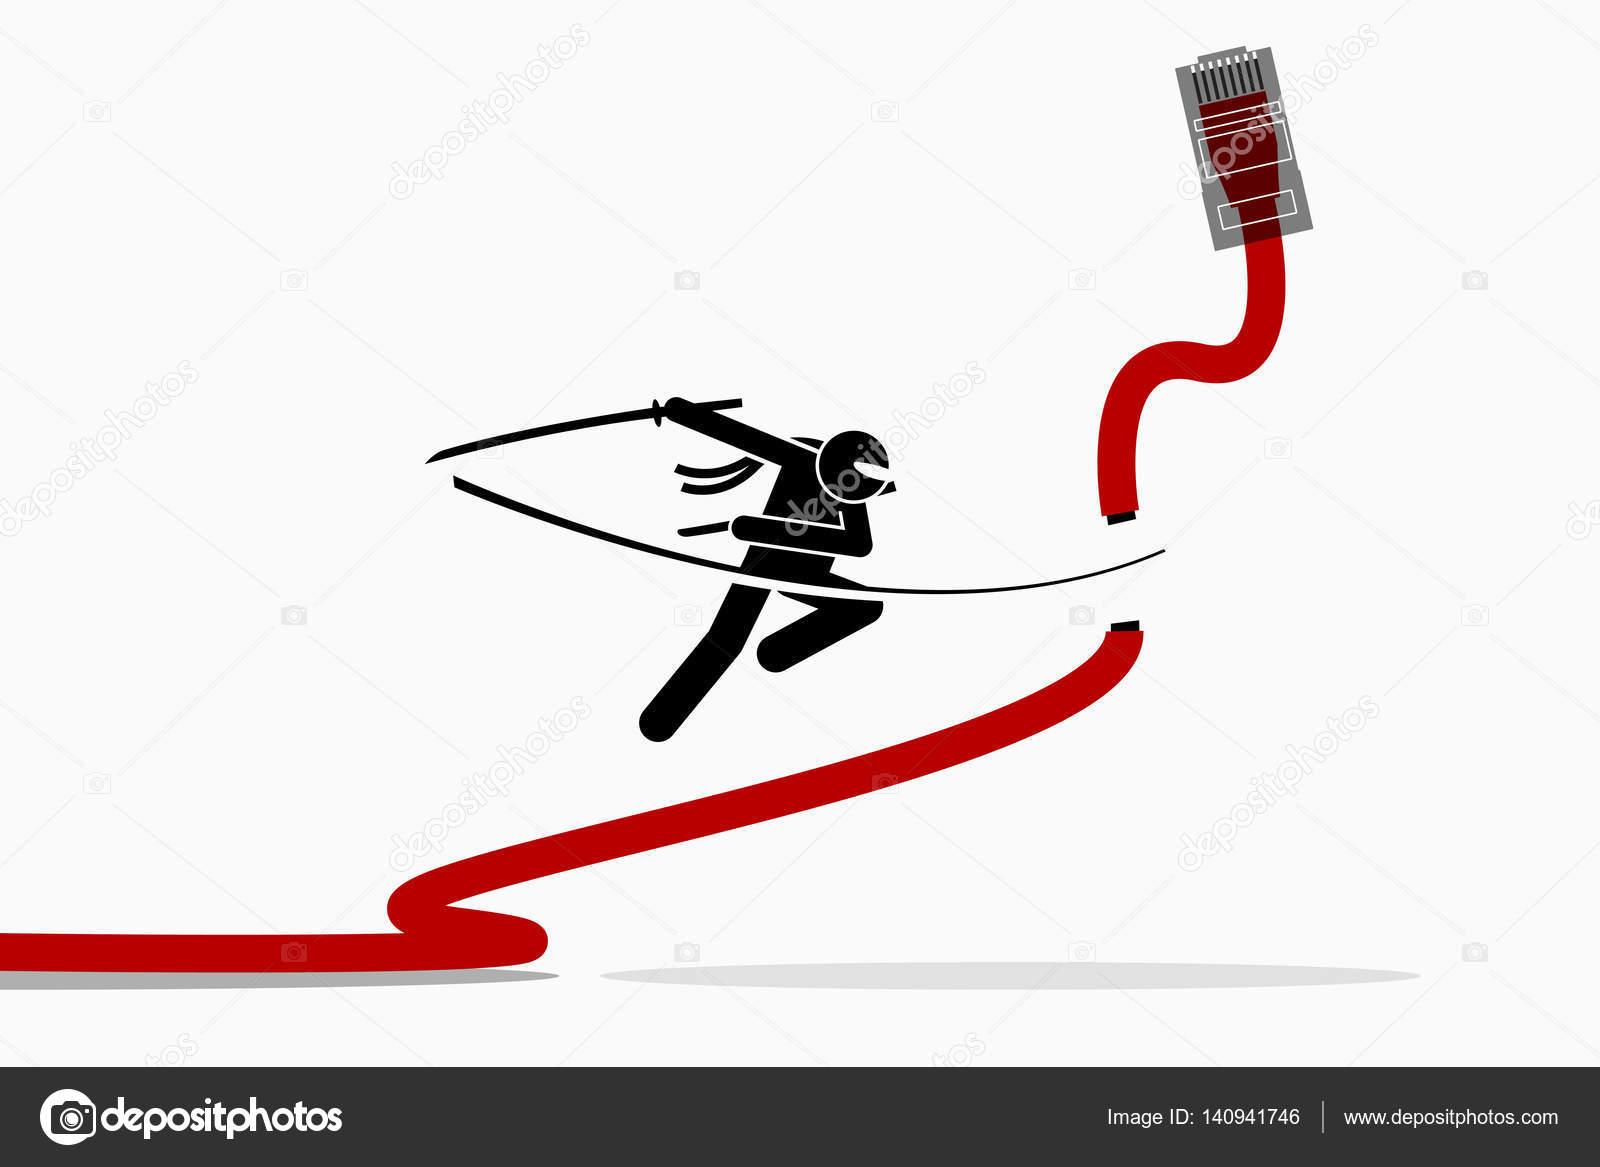 Schema Cablaggio Rete Lan : Ninja taglia cavo di rete ethernet lan u2014 vettoriali stock © leremy